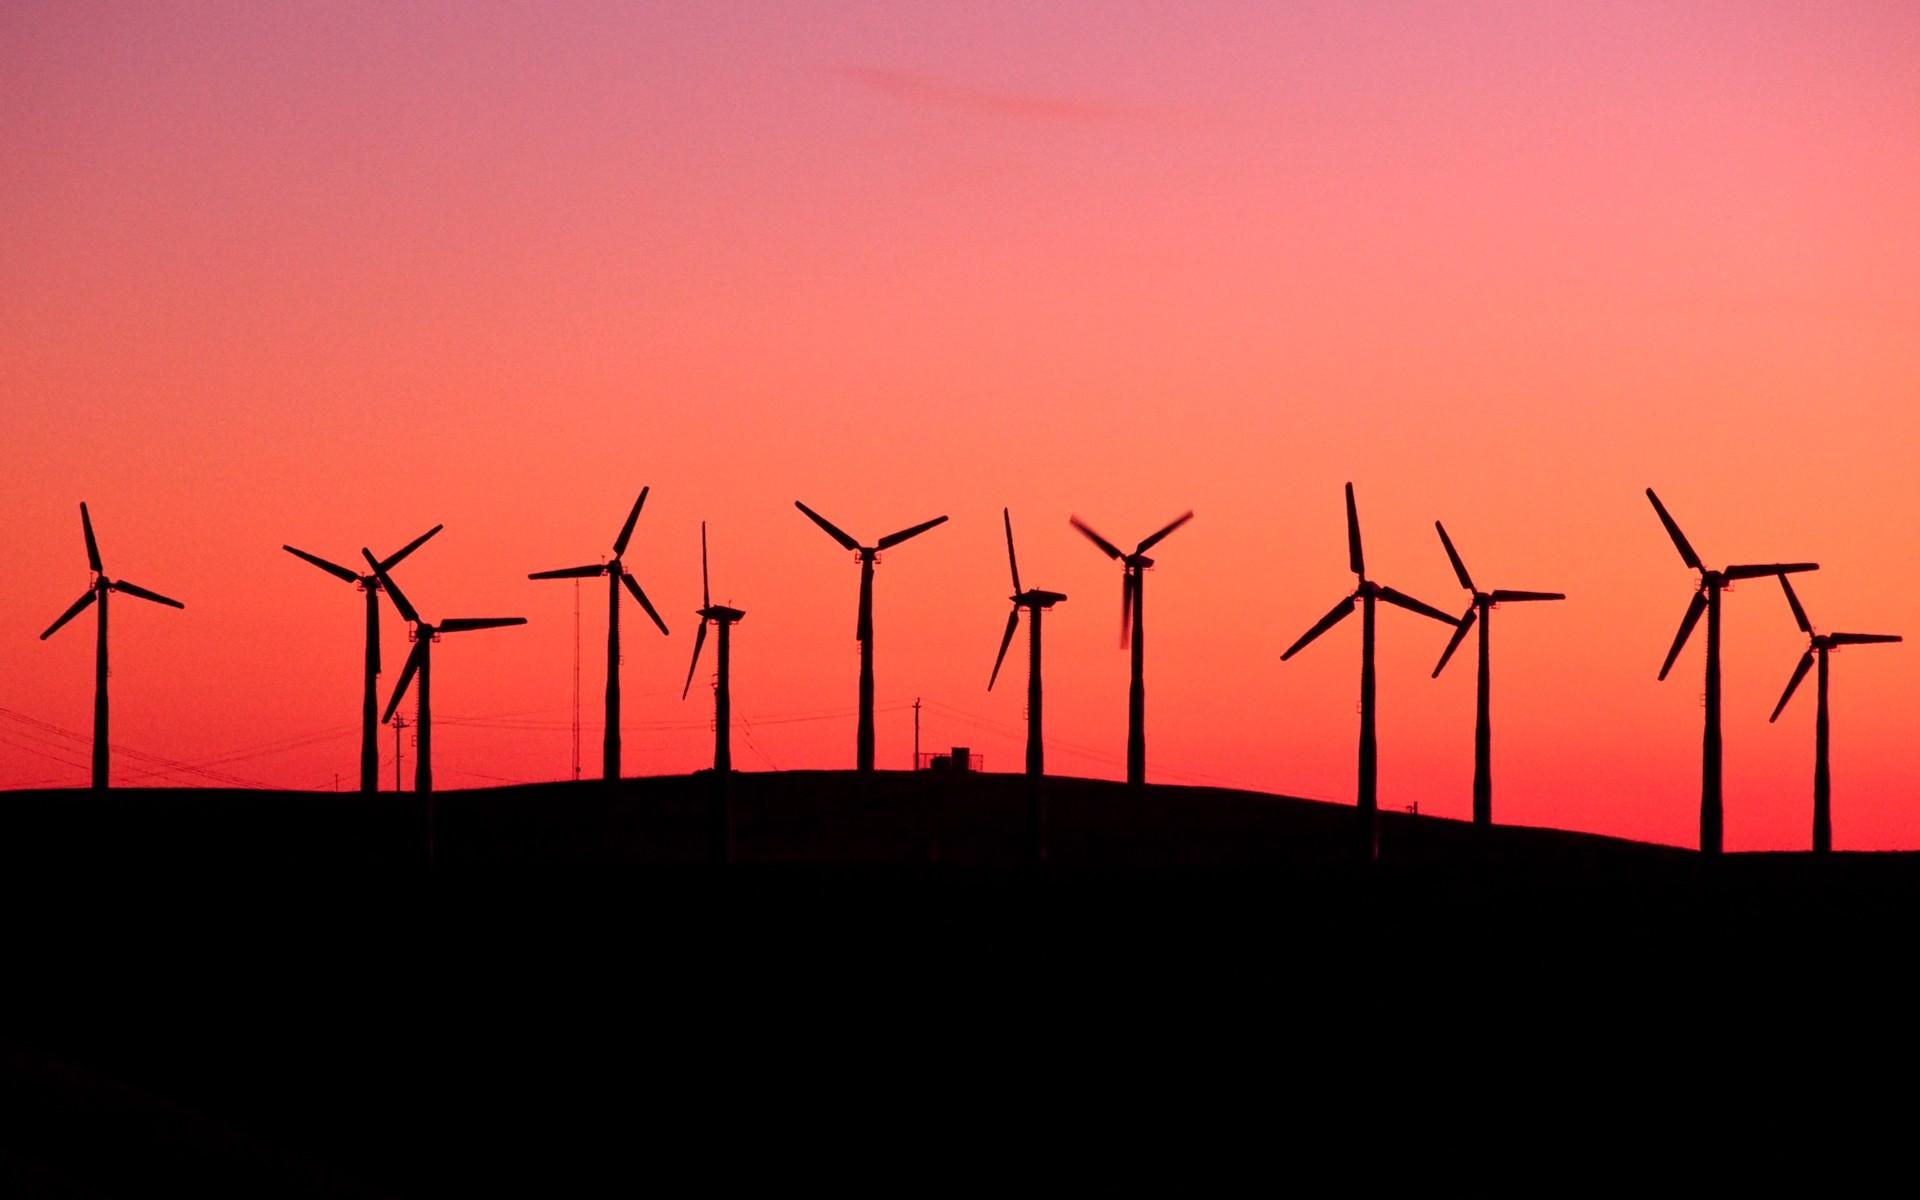 wind turbine computer wallpapers desktop backgrounds